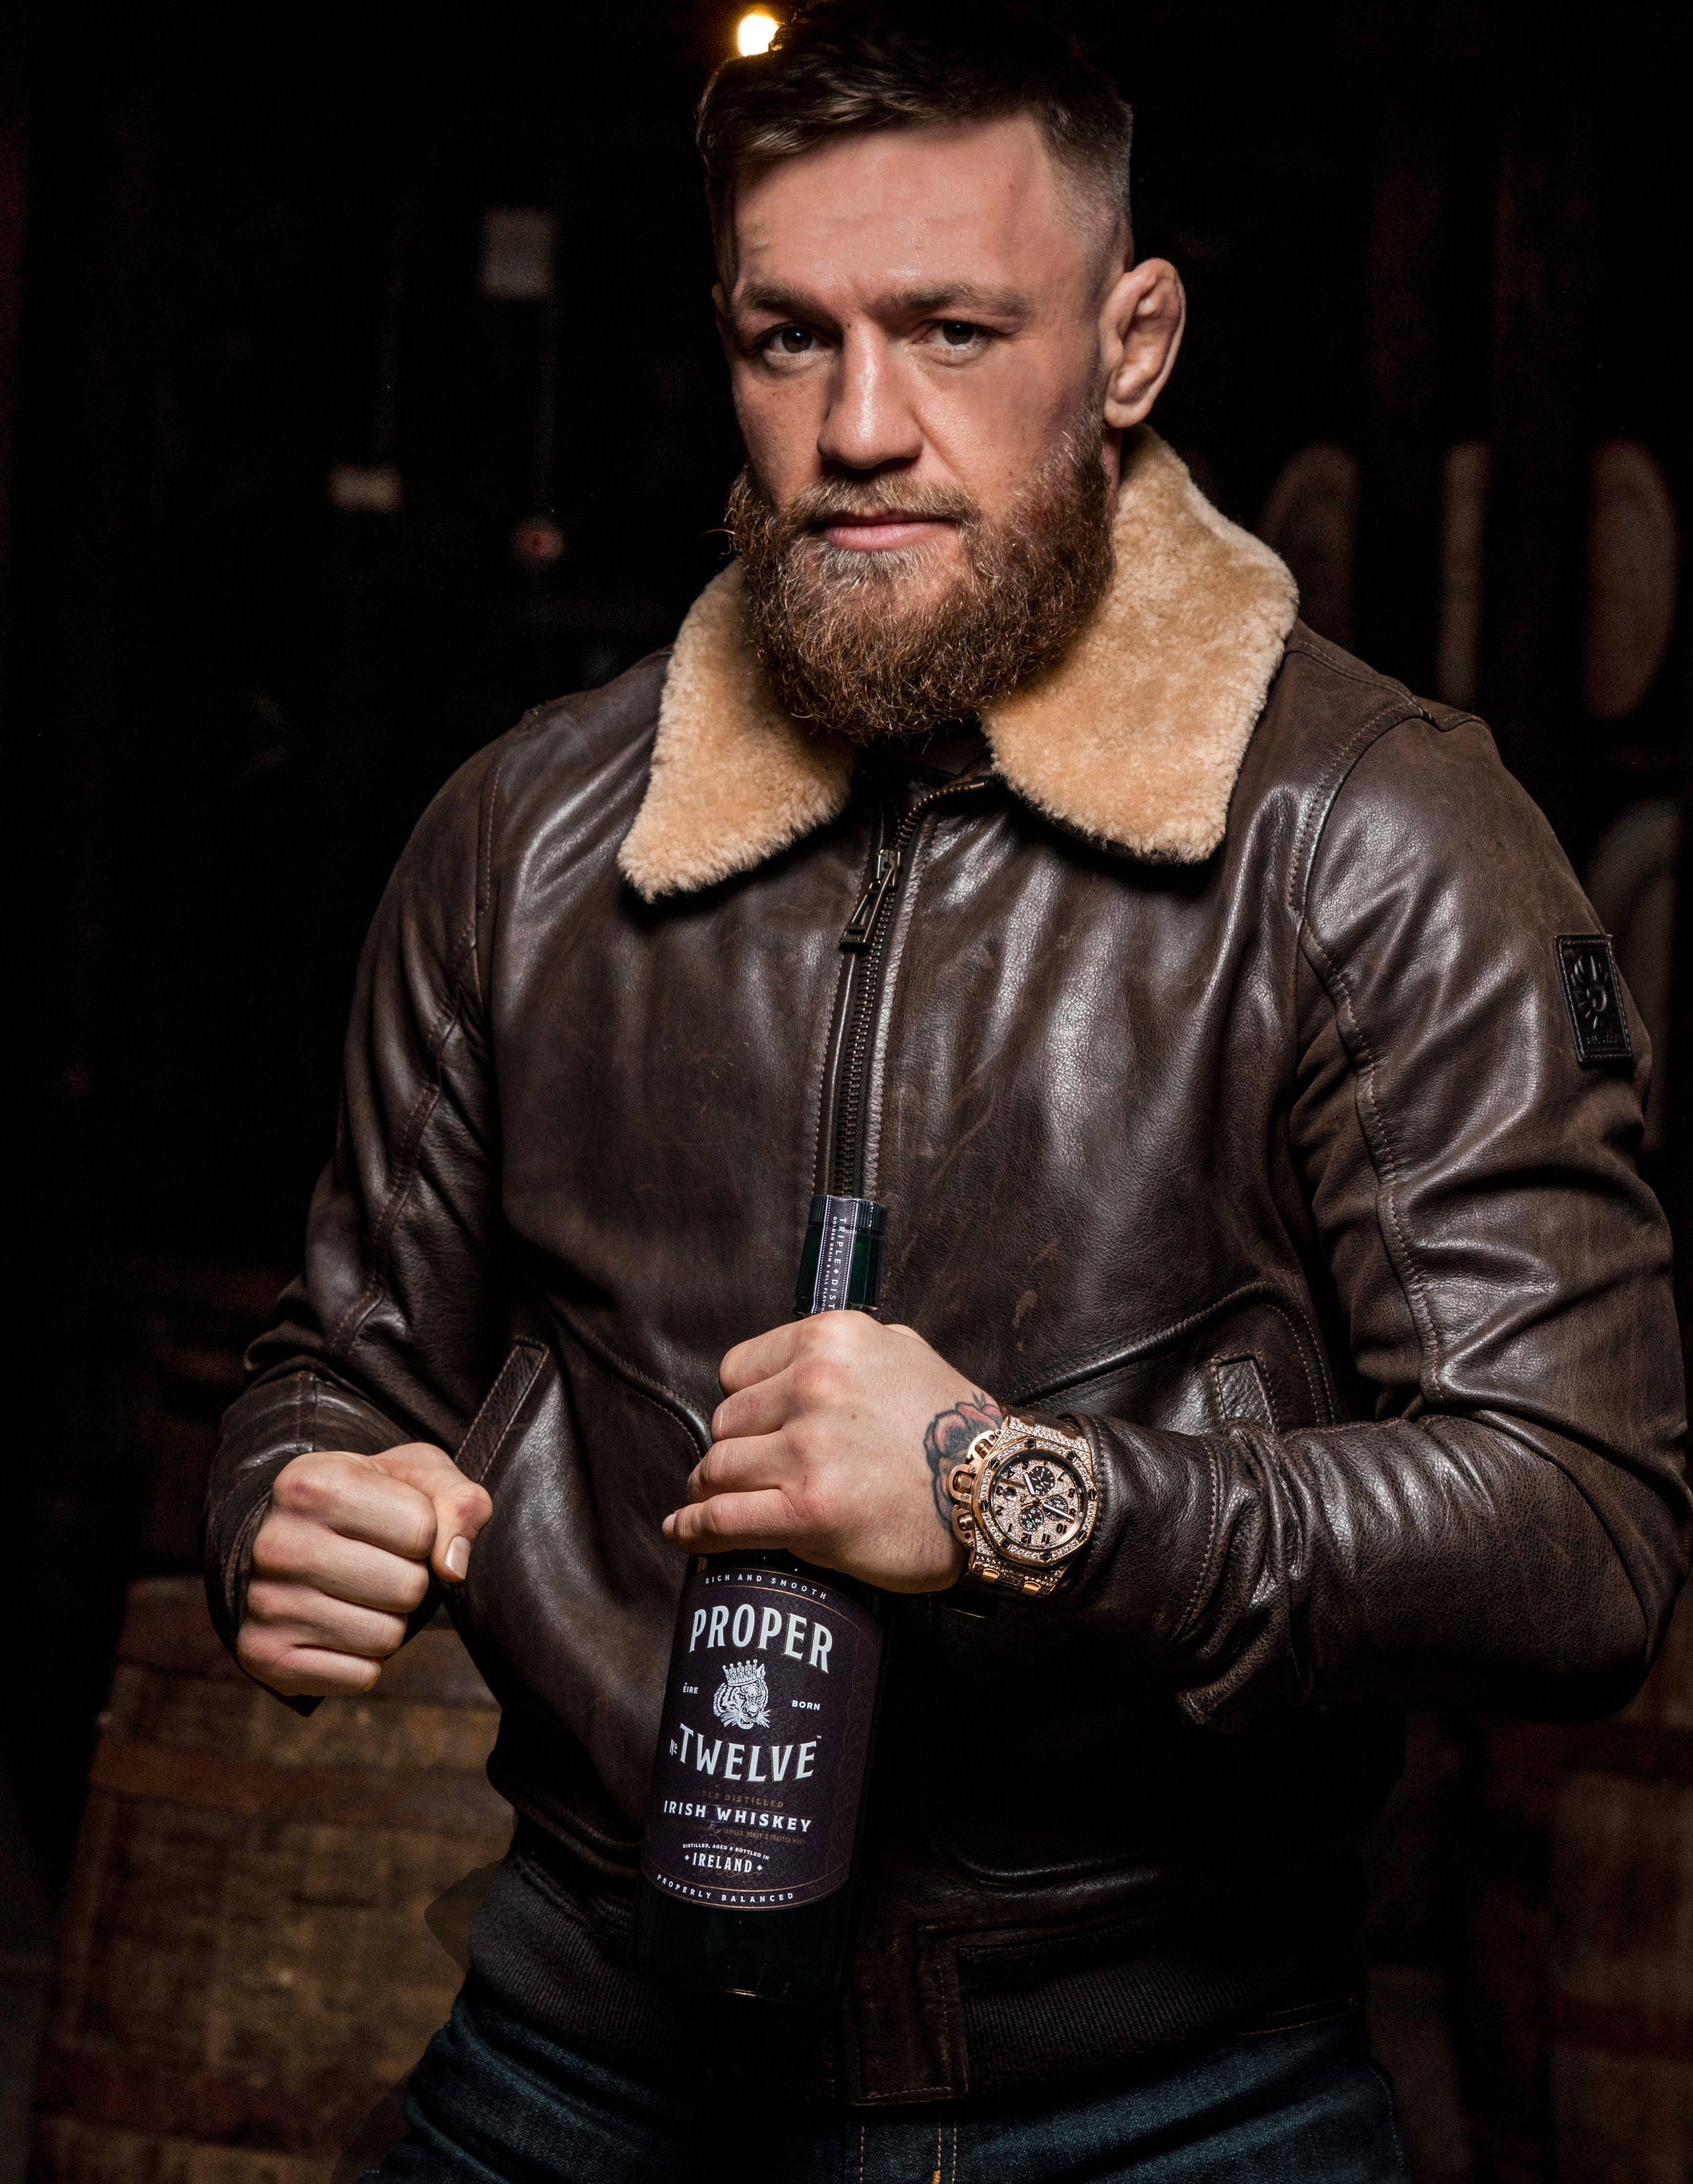 Виски макгрегора продается уже почти год. как дела у proper №12?  - панчер - блоги - sports.ru